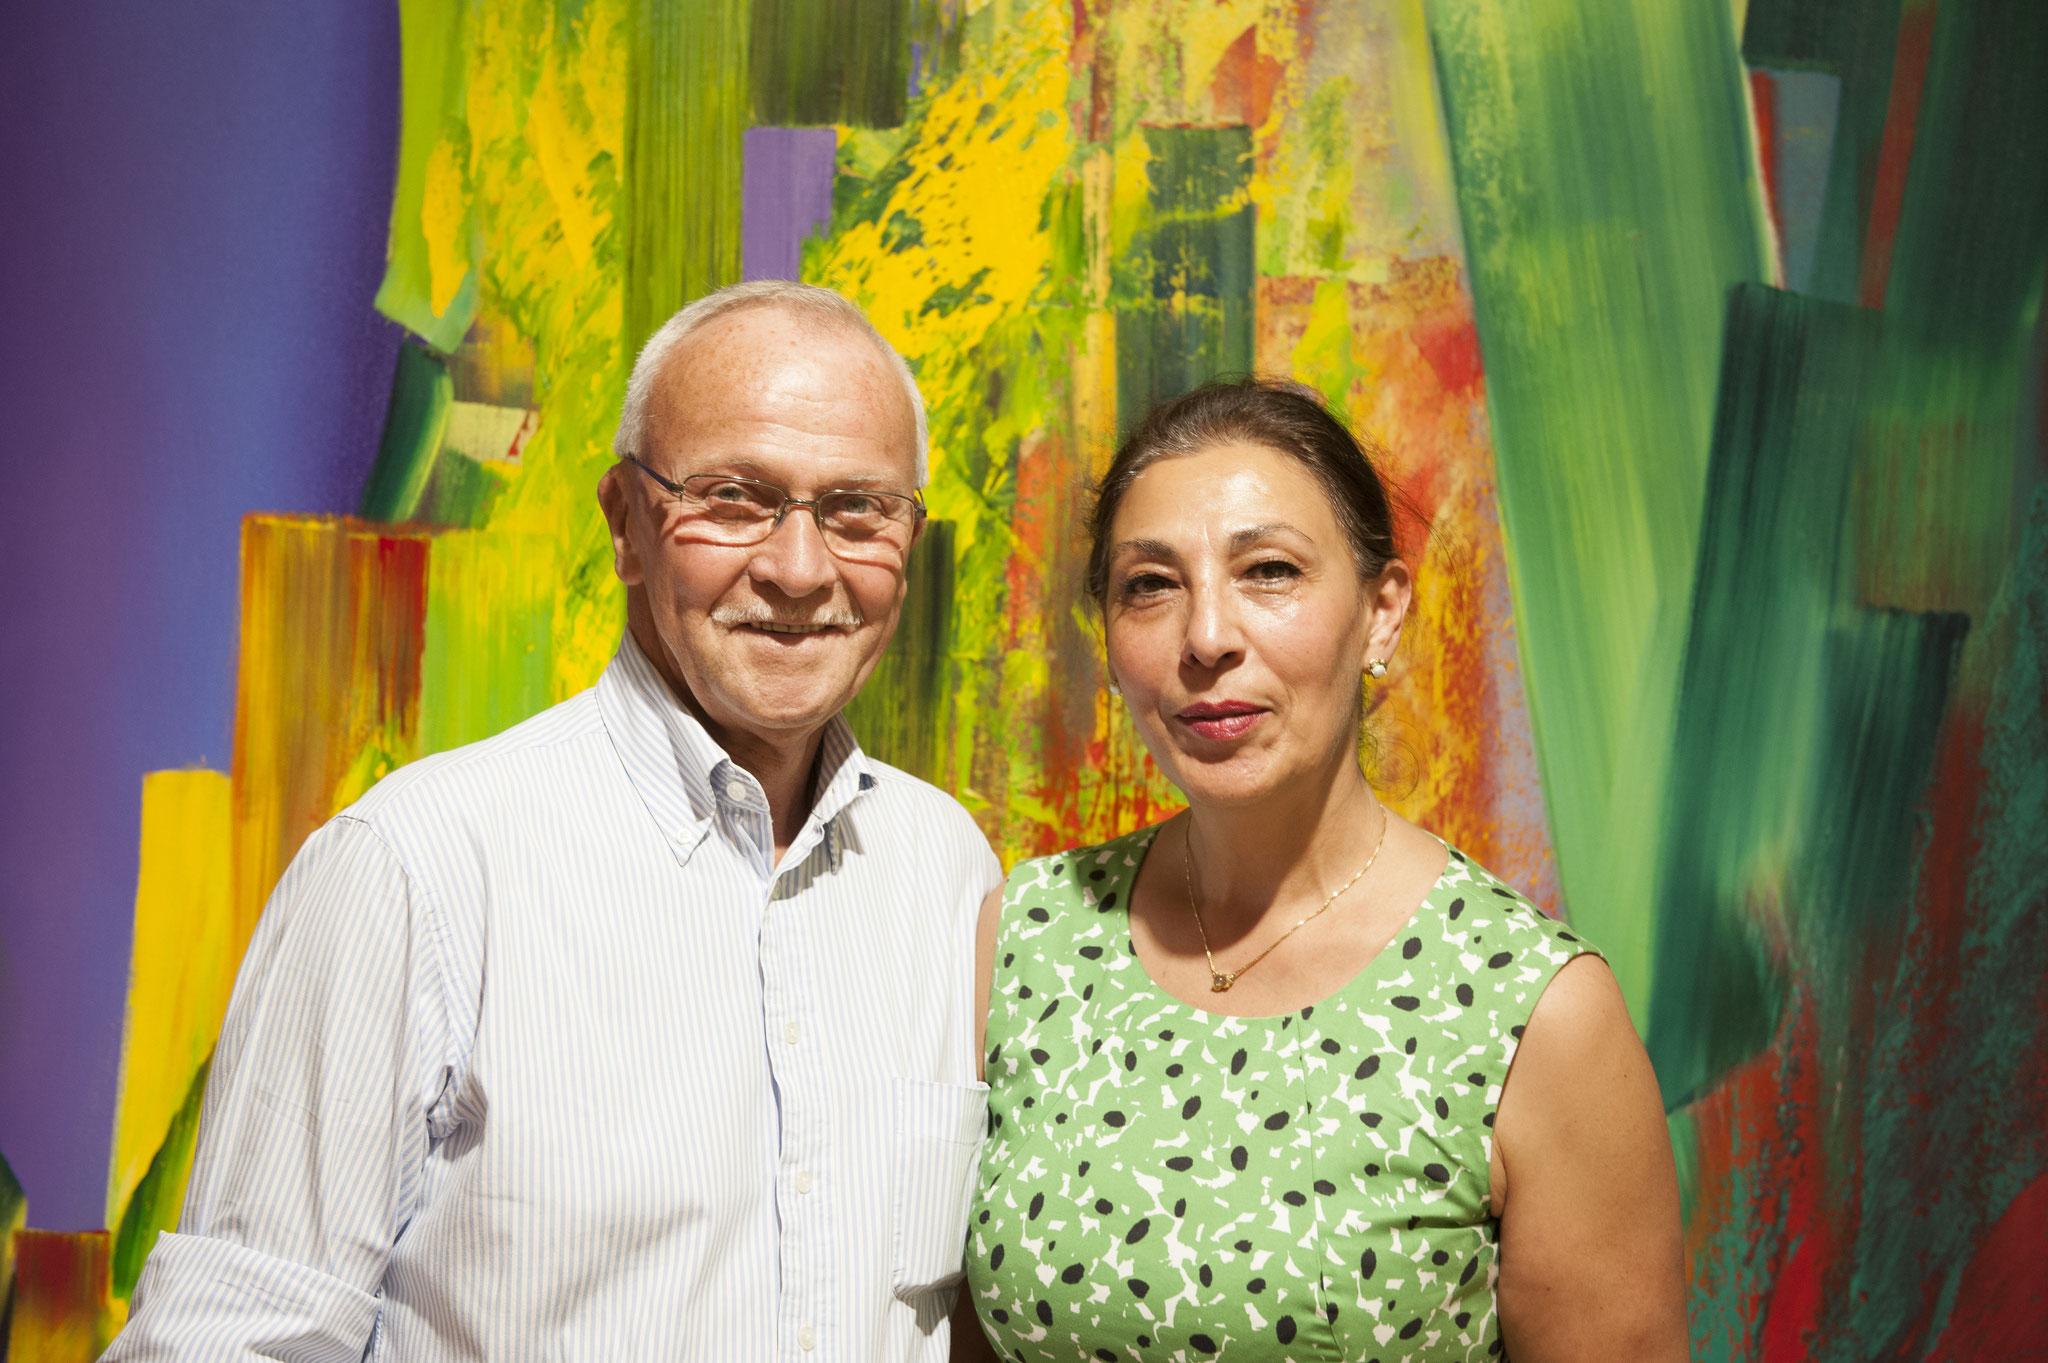 Galeristin Frau Ayten Bozbay; Joachim Gerschler